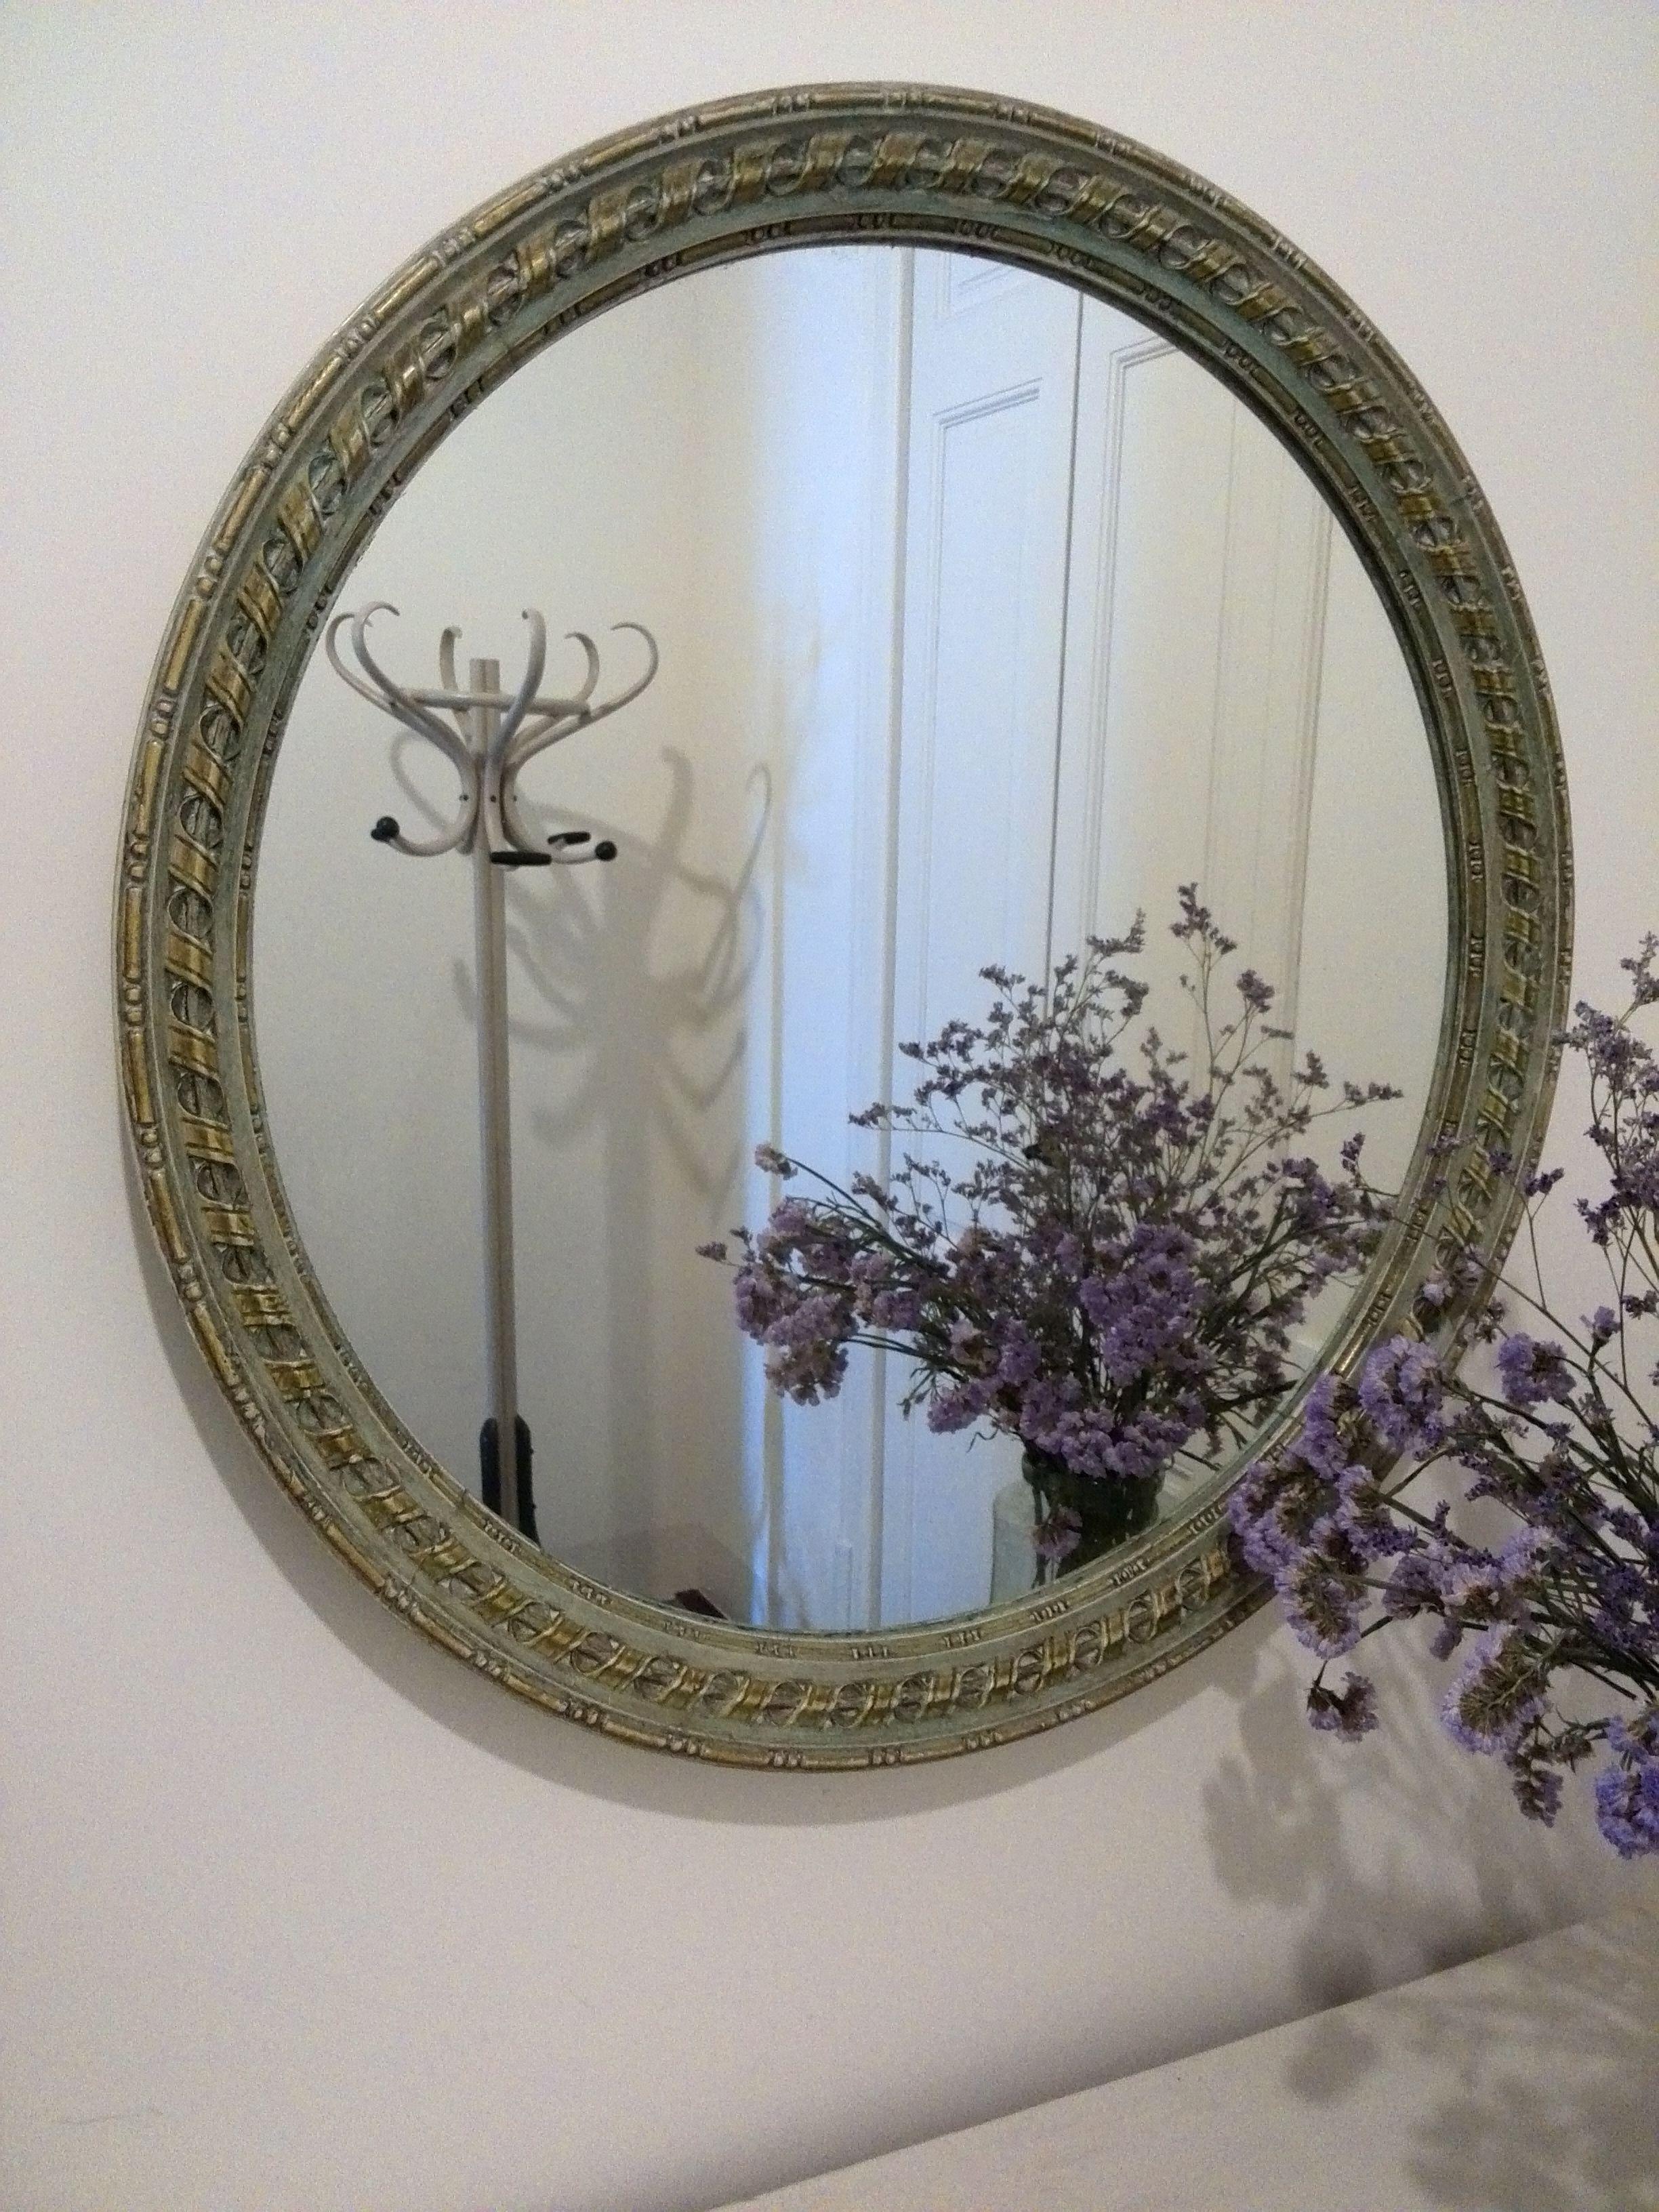 Pin de Degloriaengloria en Marcos y espejos | Pinterest | Espejo y ...